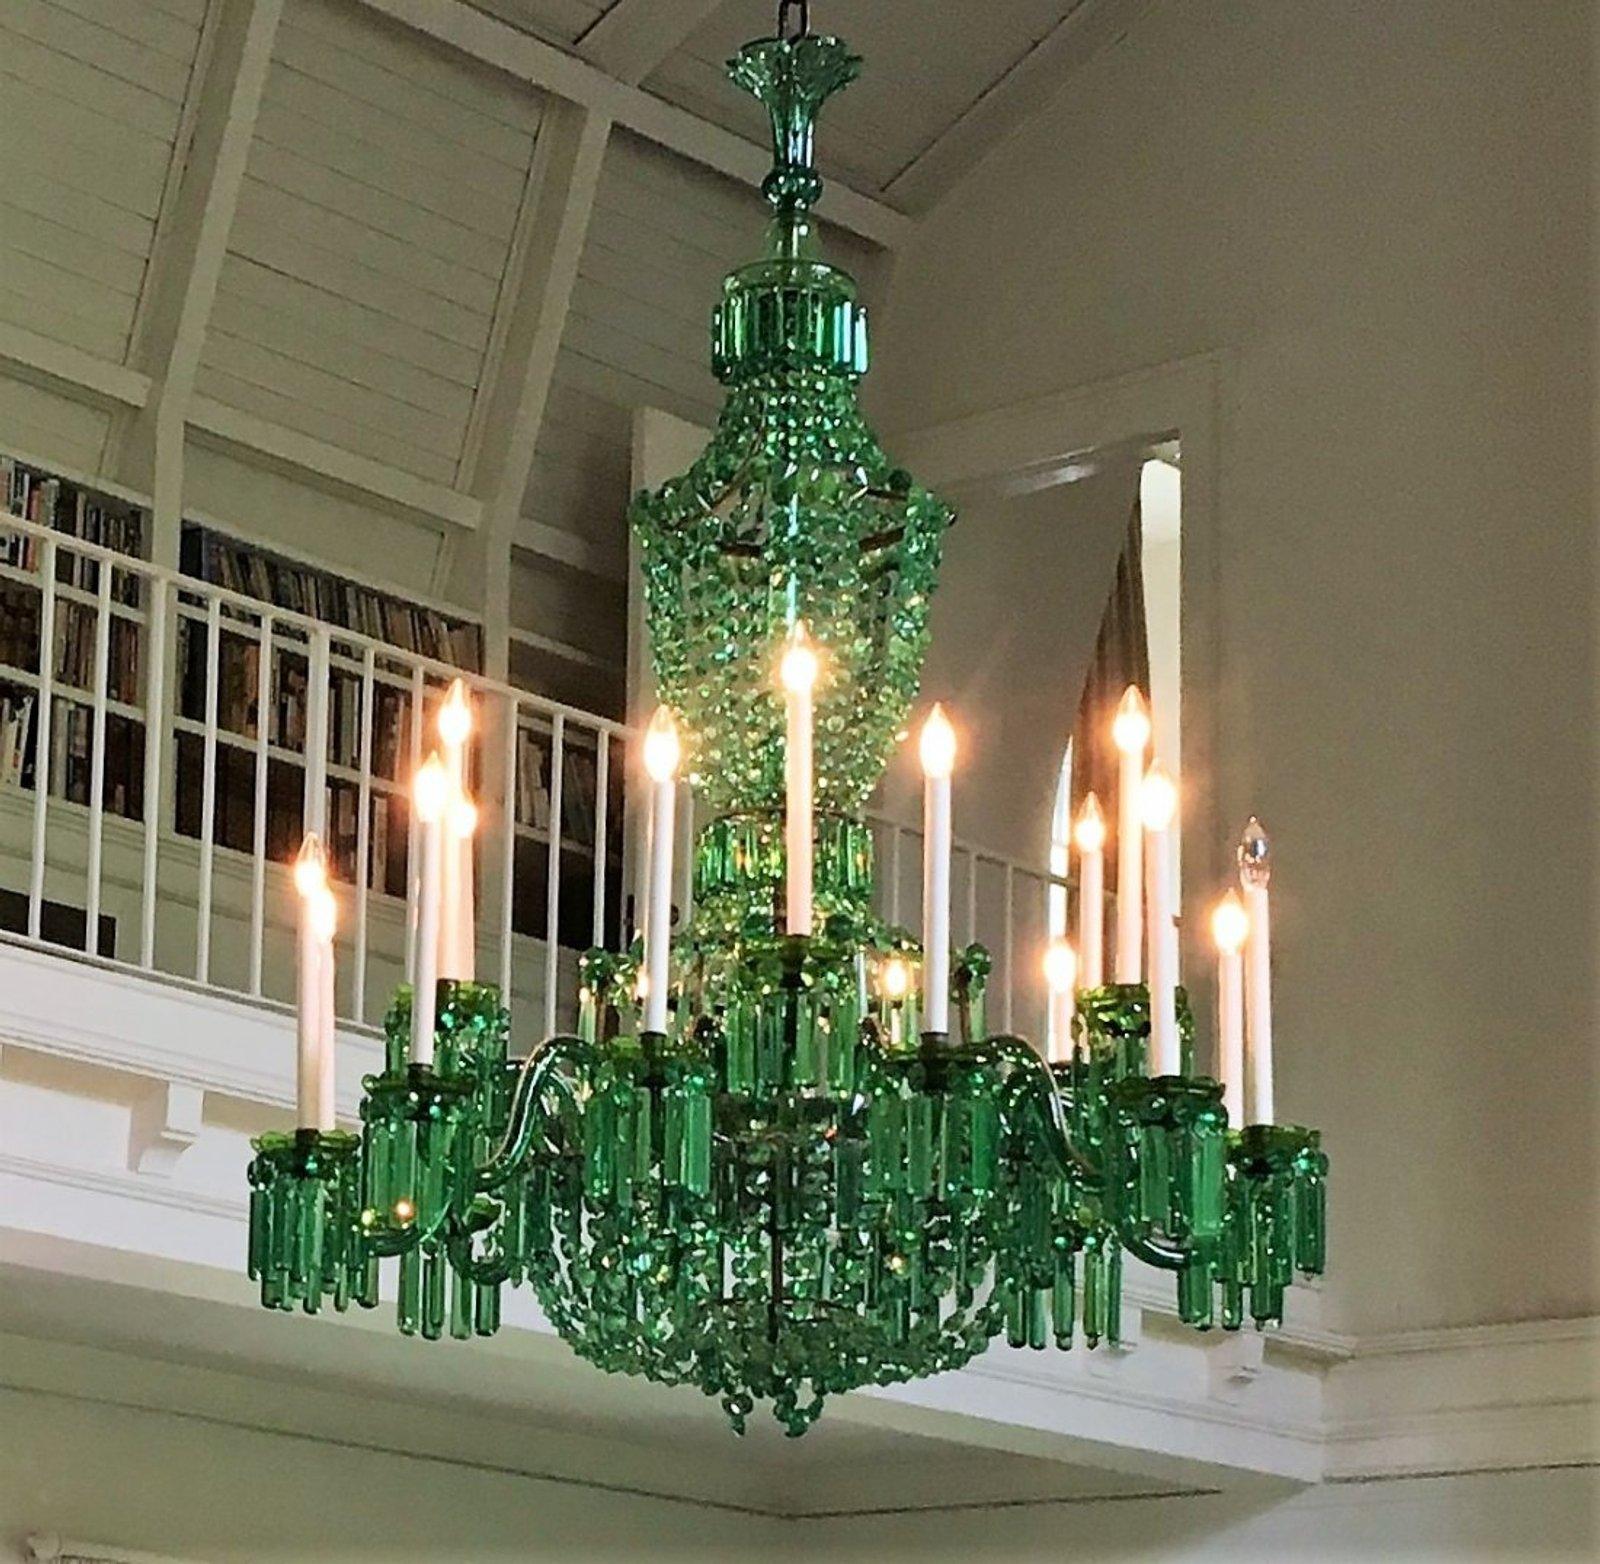 Immense Nesle Emerald Green Glass 18 Light Chandelier. Sold For $12,500